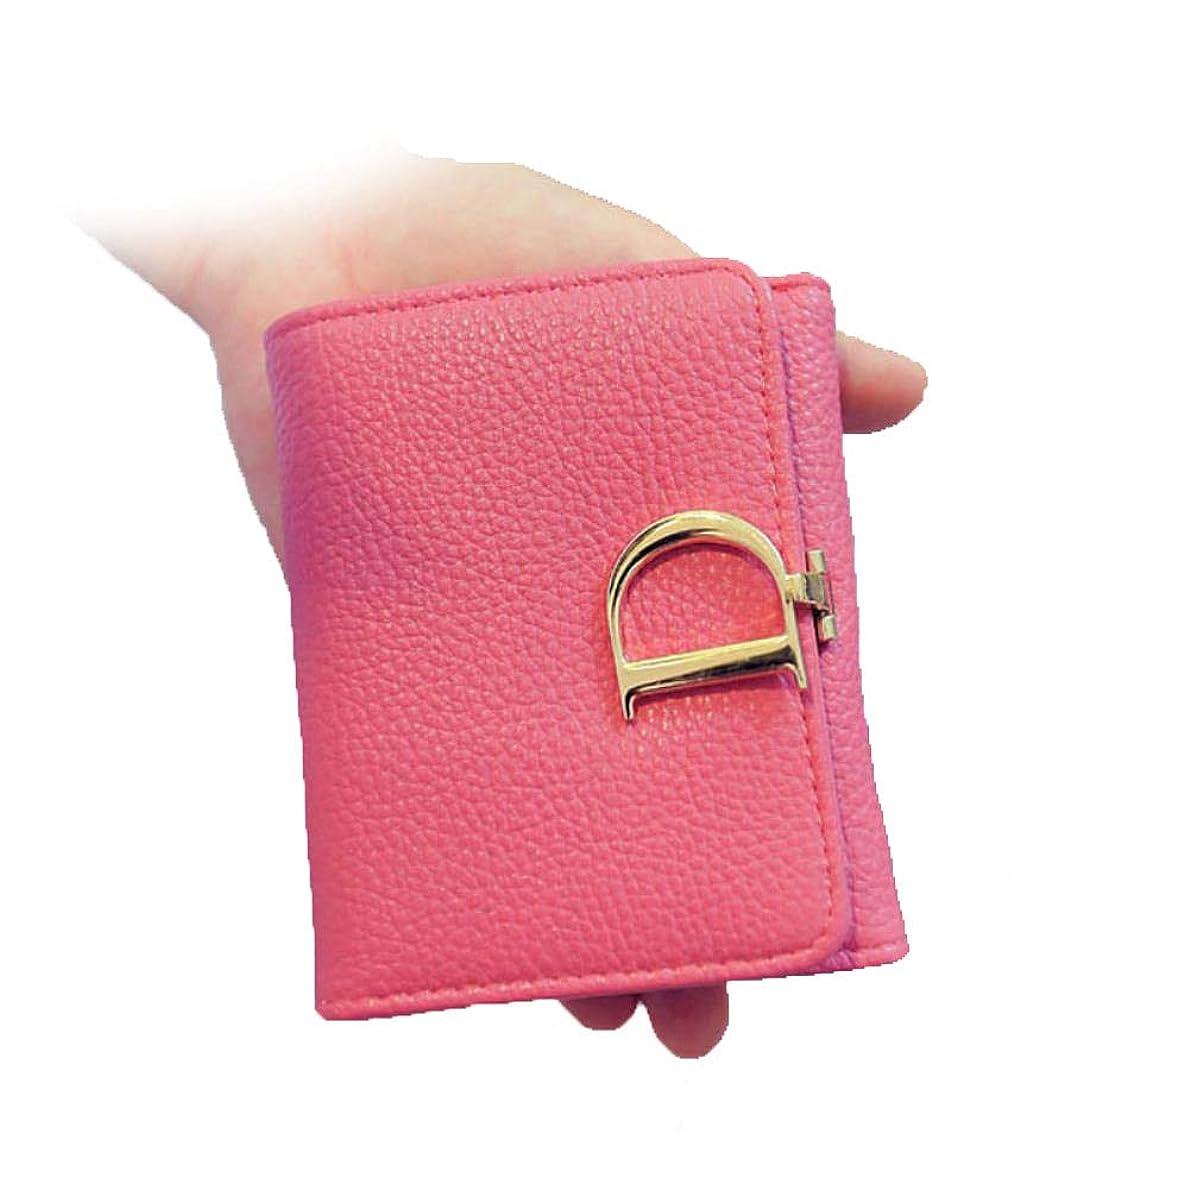 贅沢倫理的水素クラッチバッグ女性用小銭入れDレタータワーバックルレディース財布シンプルな日本と韓国の短いセクション3つ折り財布女性